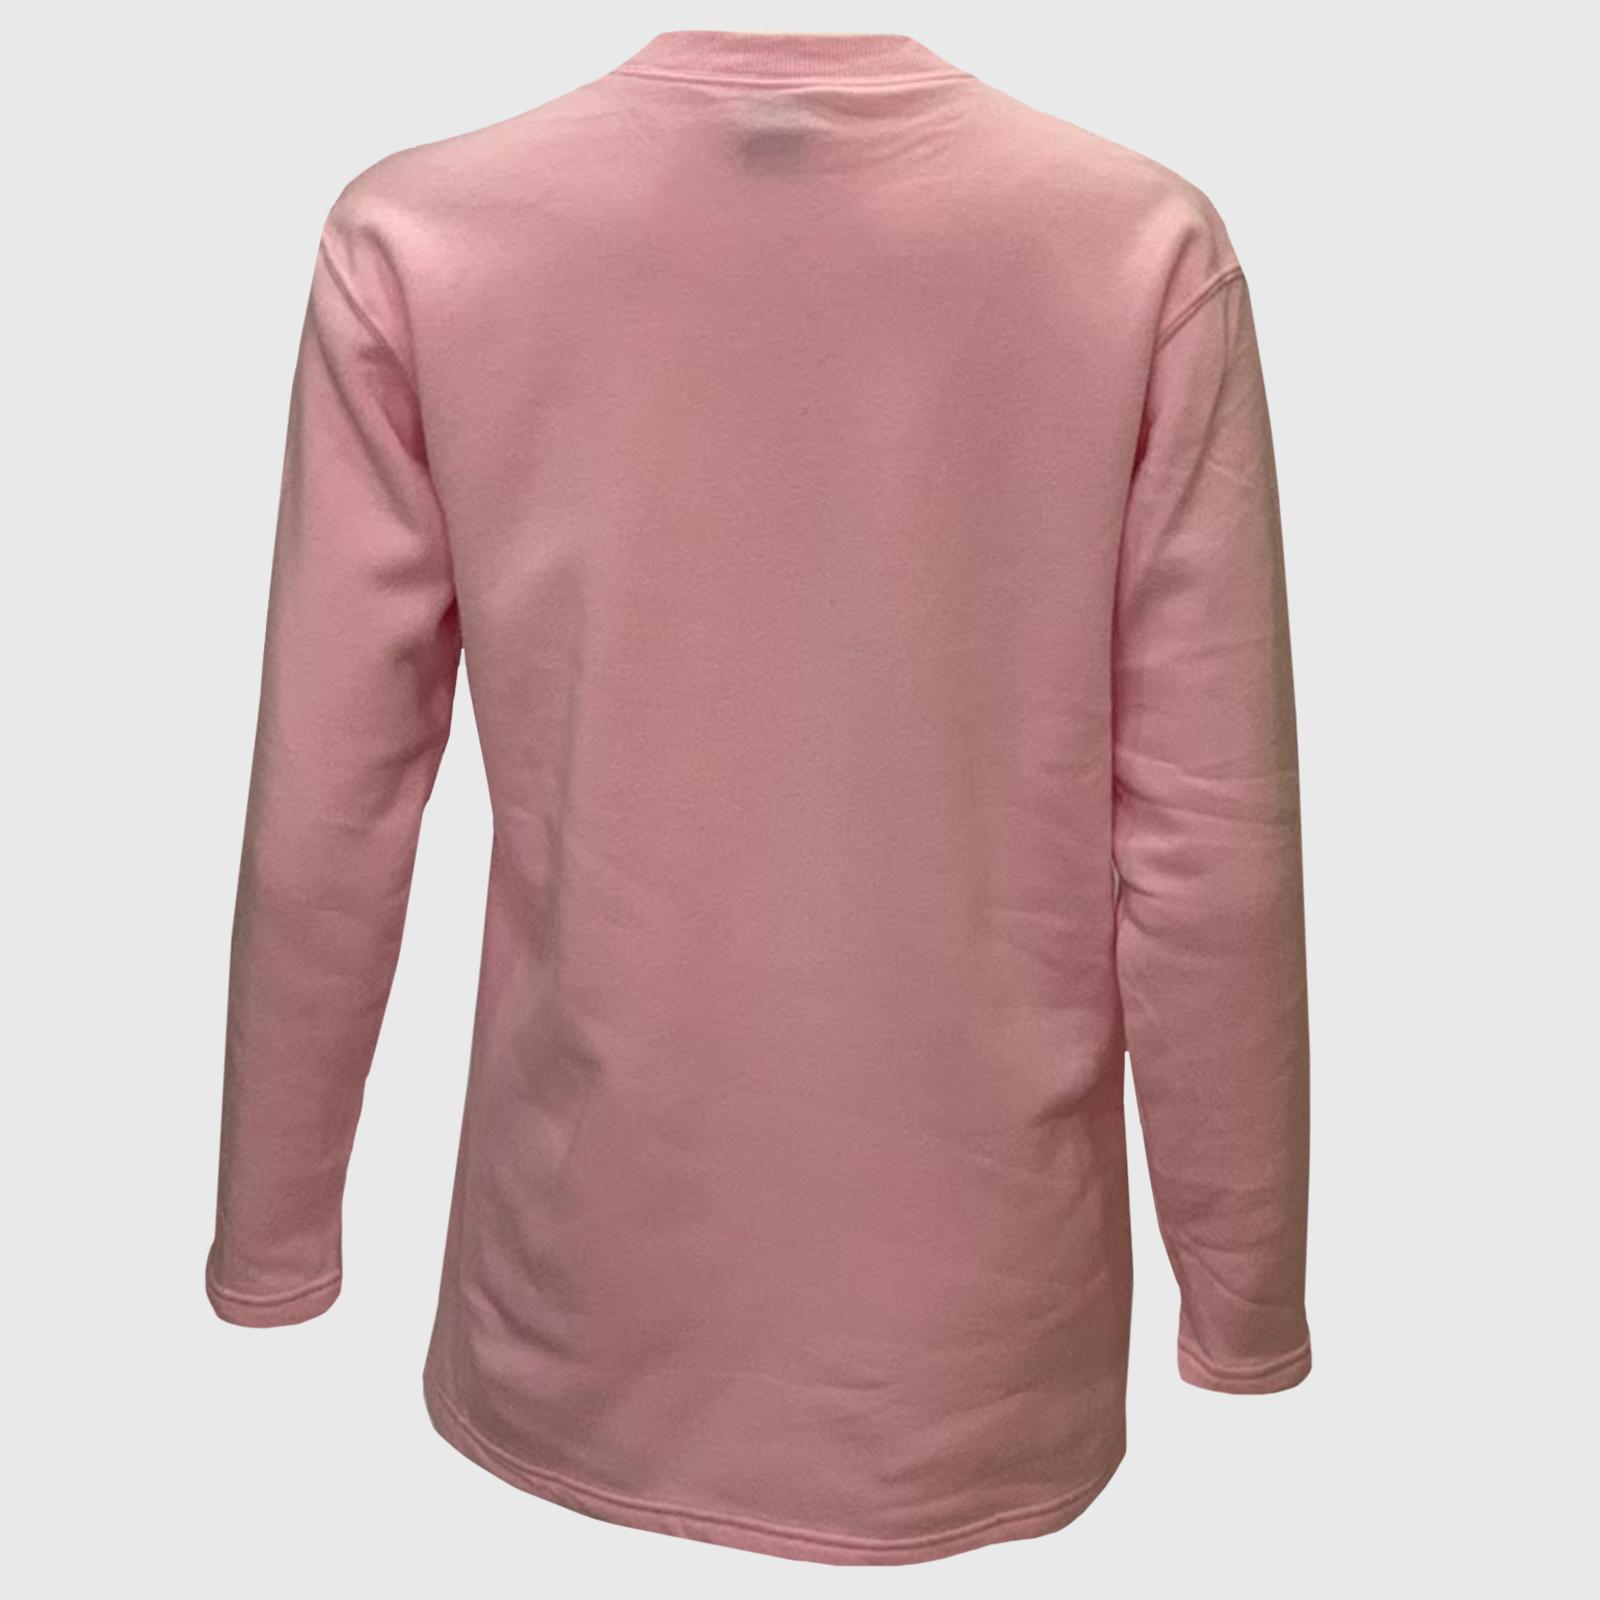 Женская одежда от мировых брендов с доставкой